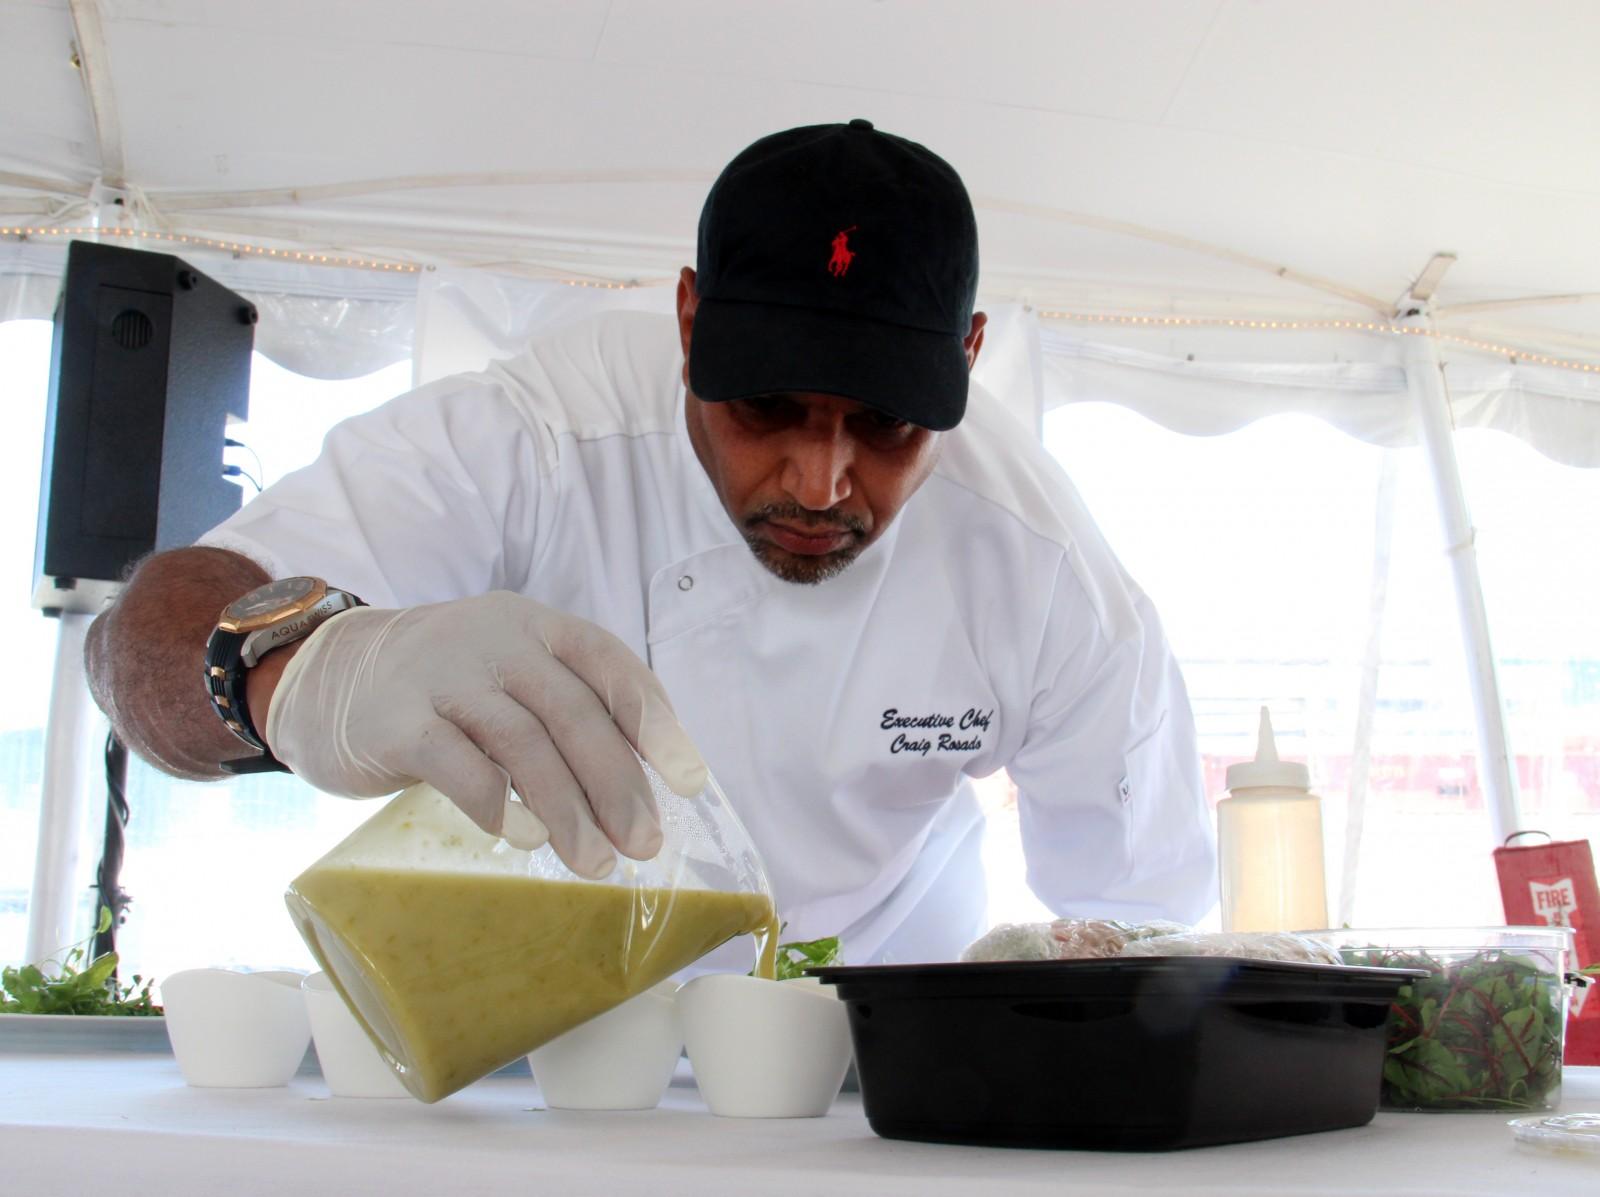 M/Y Siete Chef Craig Rosado prepares his dish.